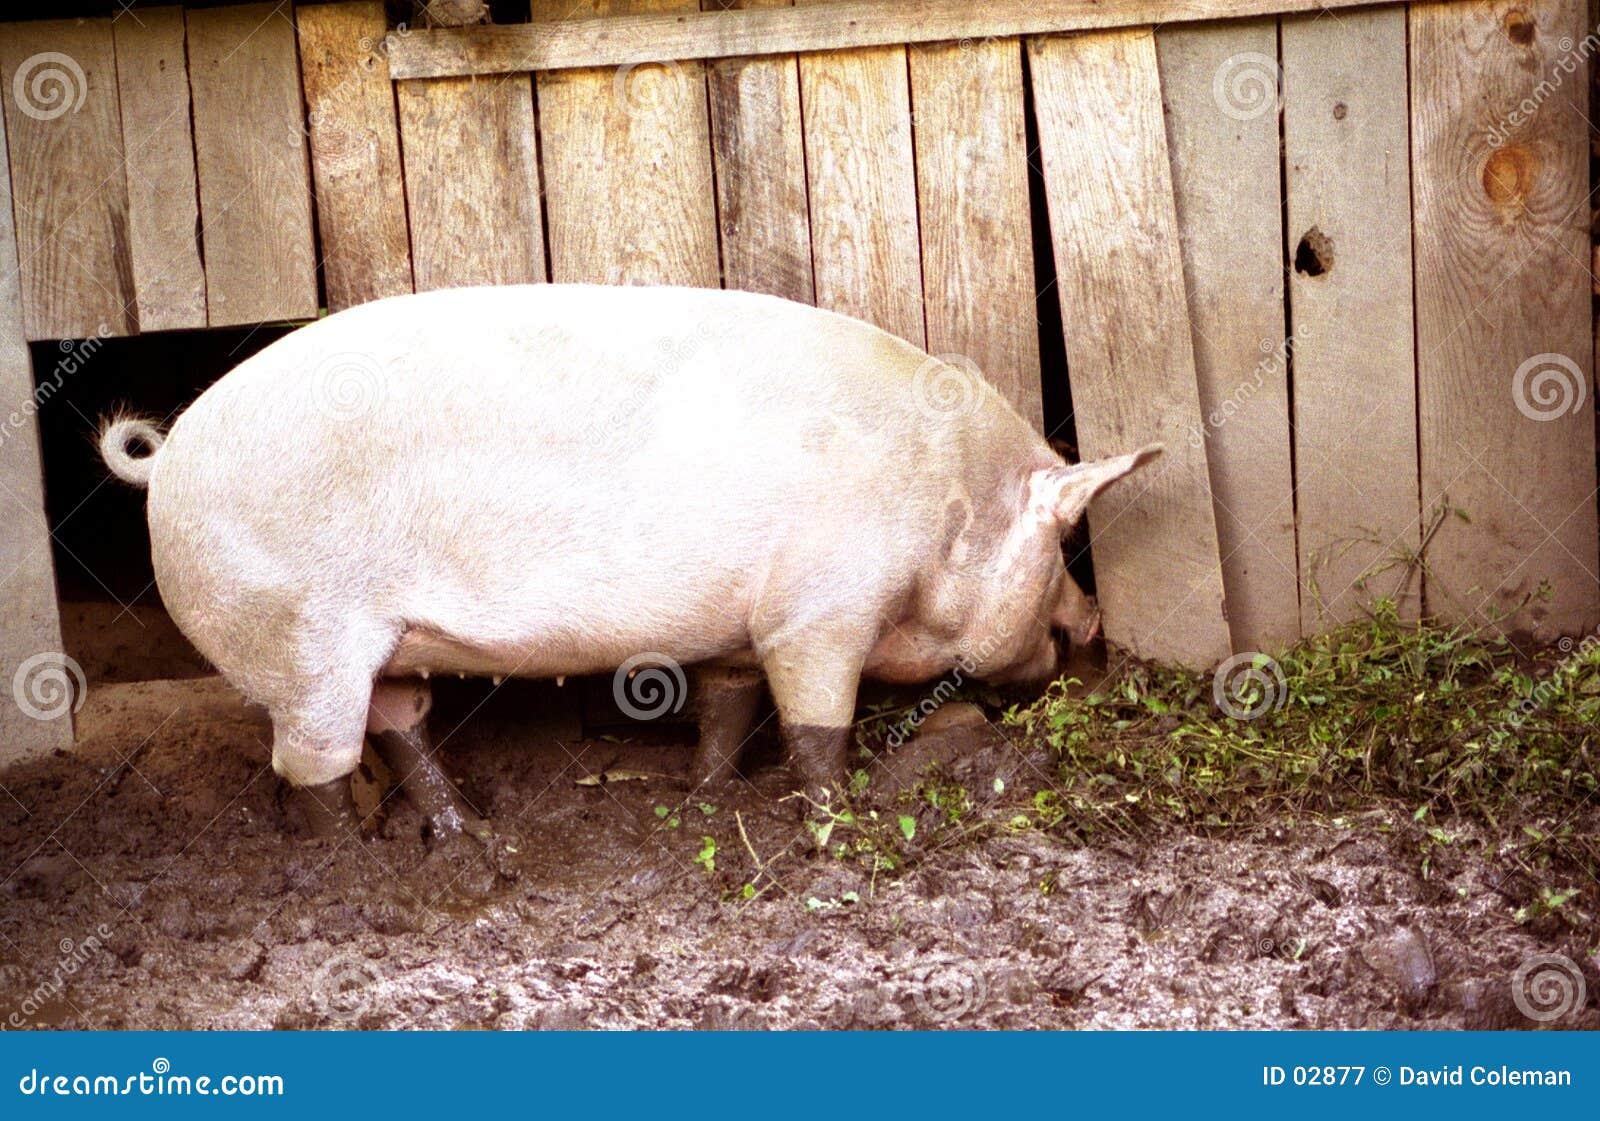 Hog in mud